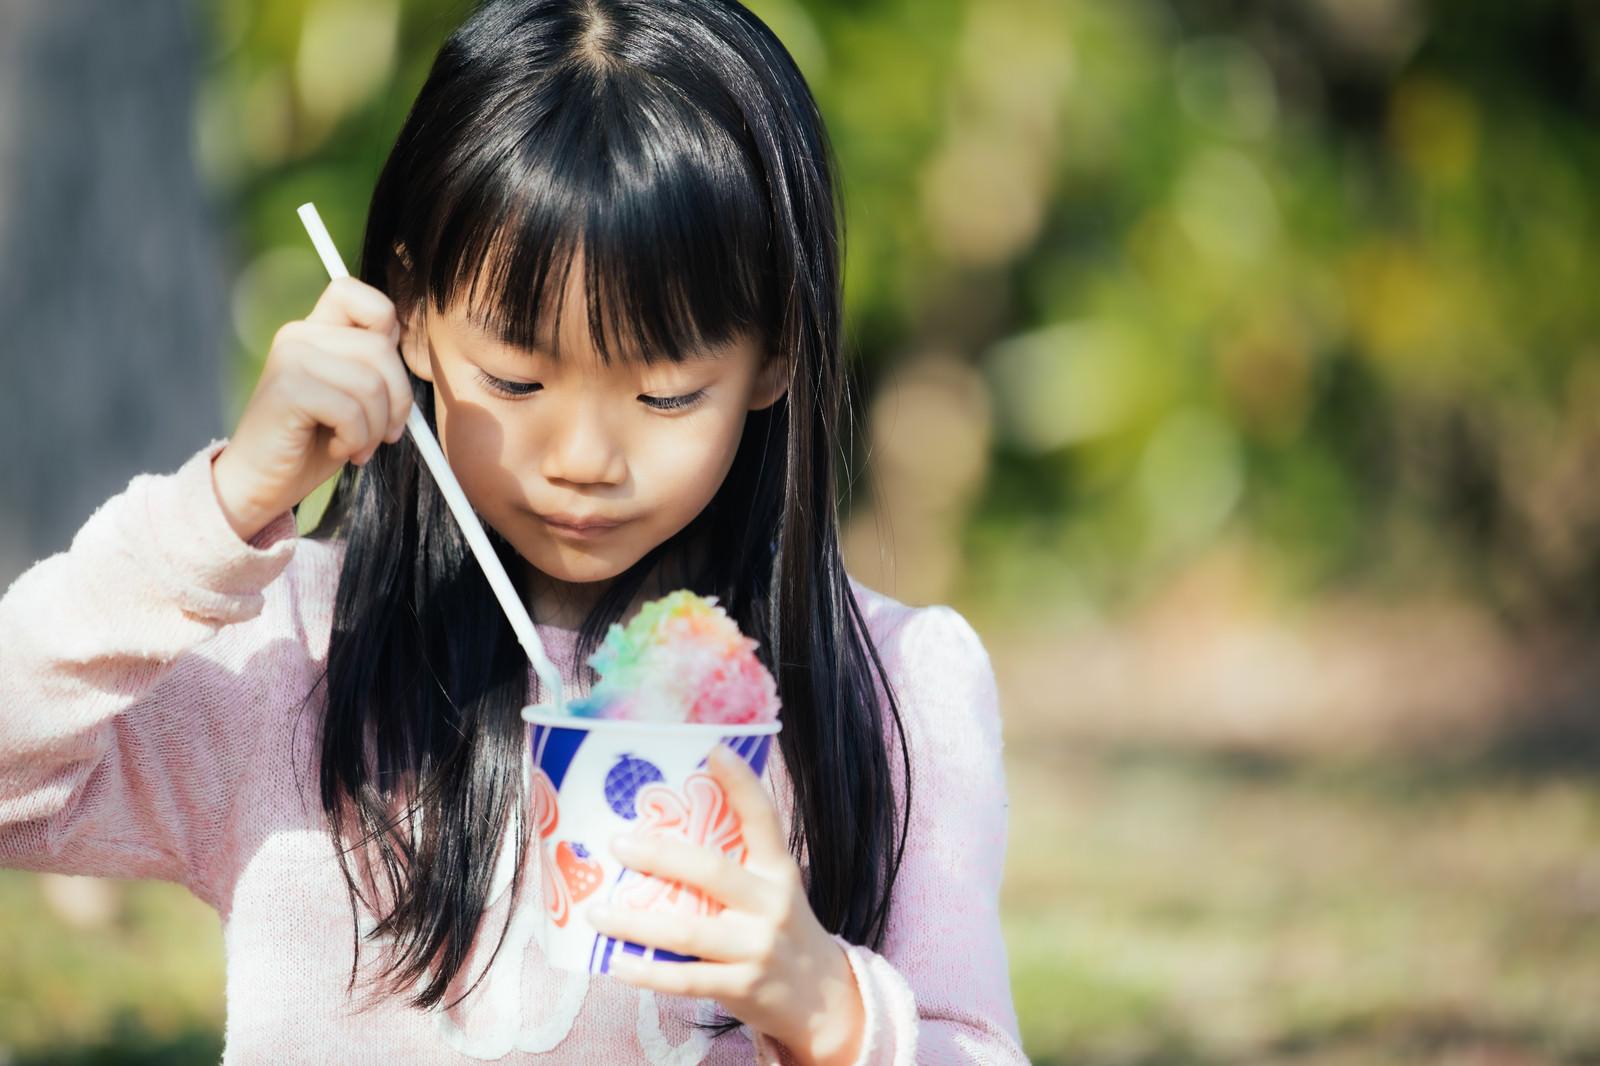 「虹色のかき氷うんまー」の写真[モデル:あんじゅ]